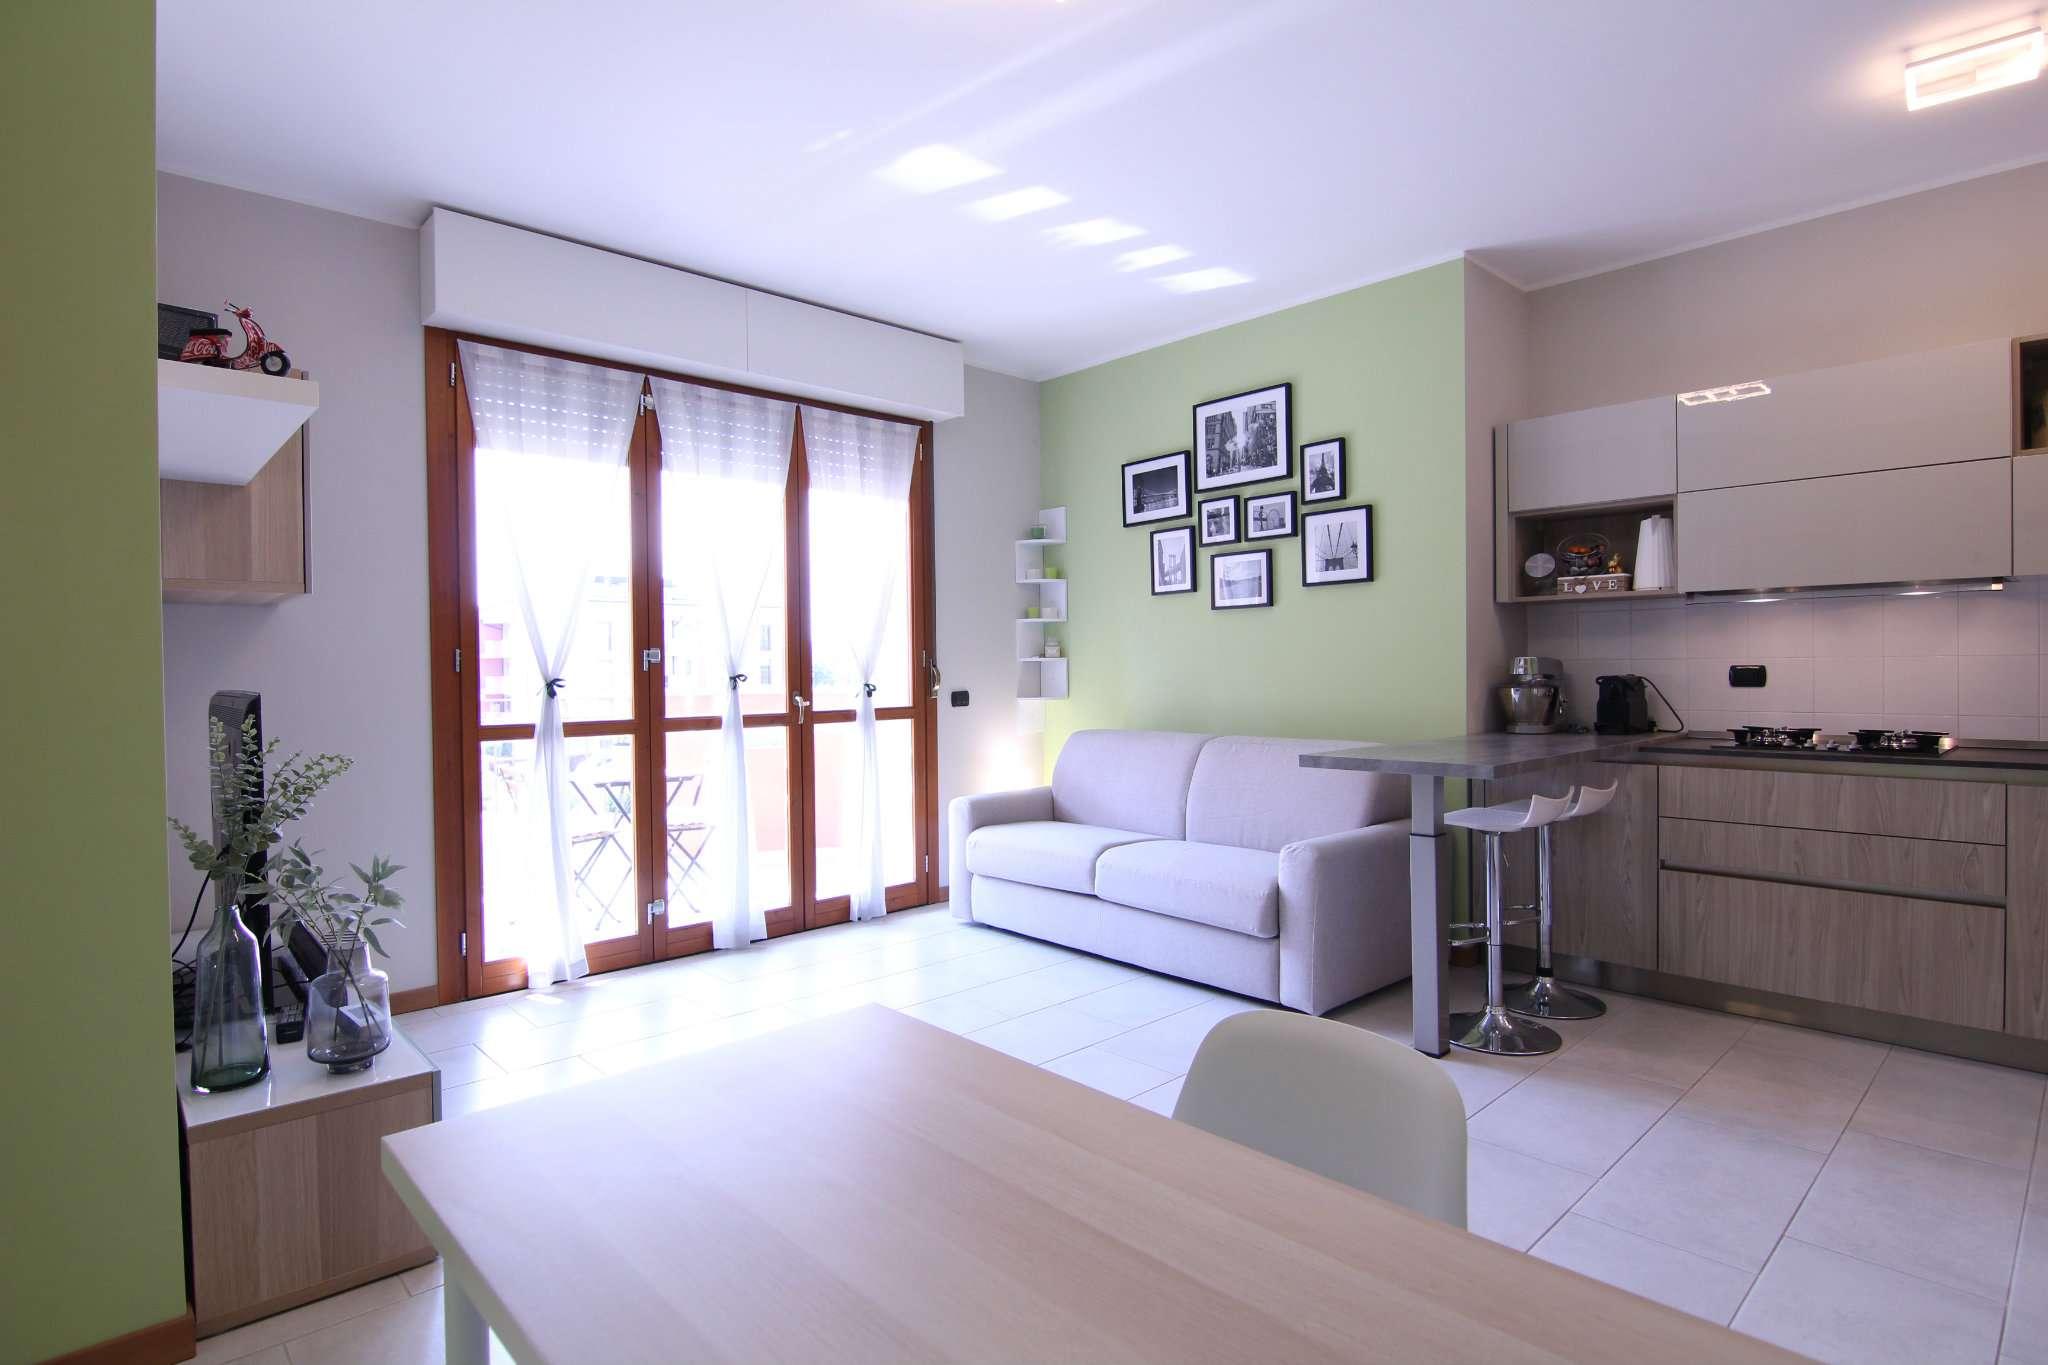 Appartamento in vendita a Sulbiate, 2 locali, prezzo € 120.000 | CambioCasa.it